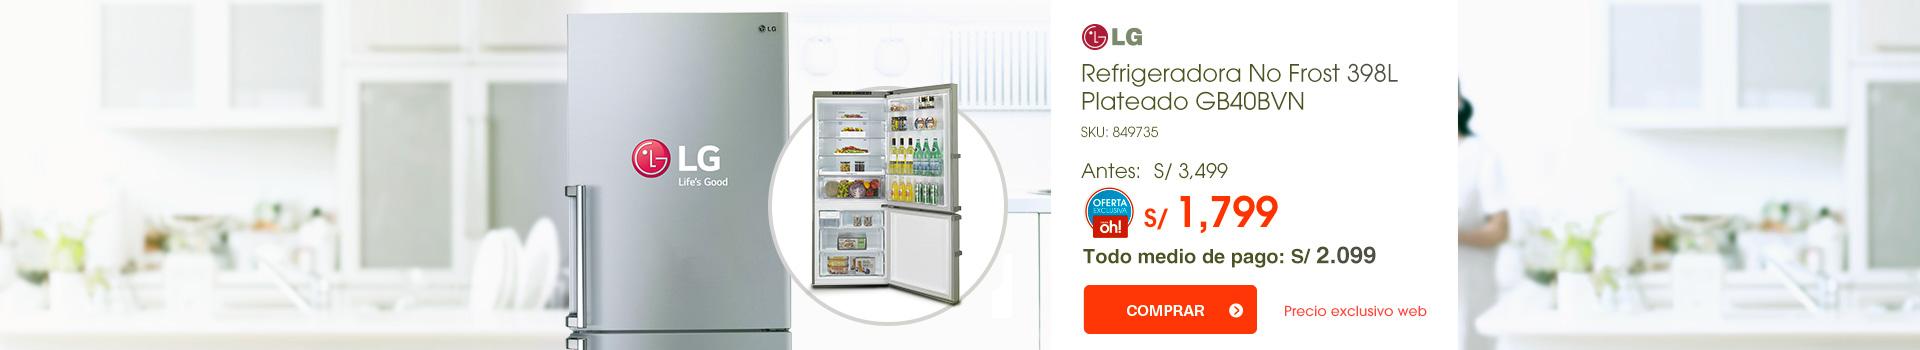 Refri LG